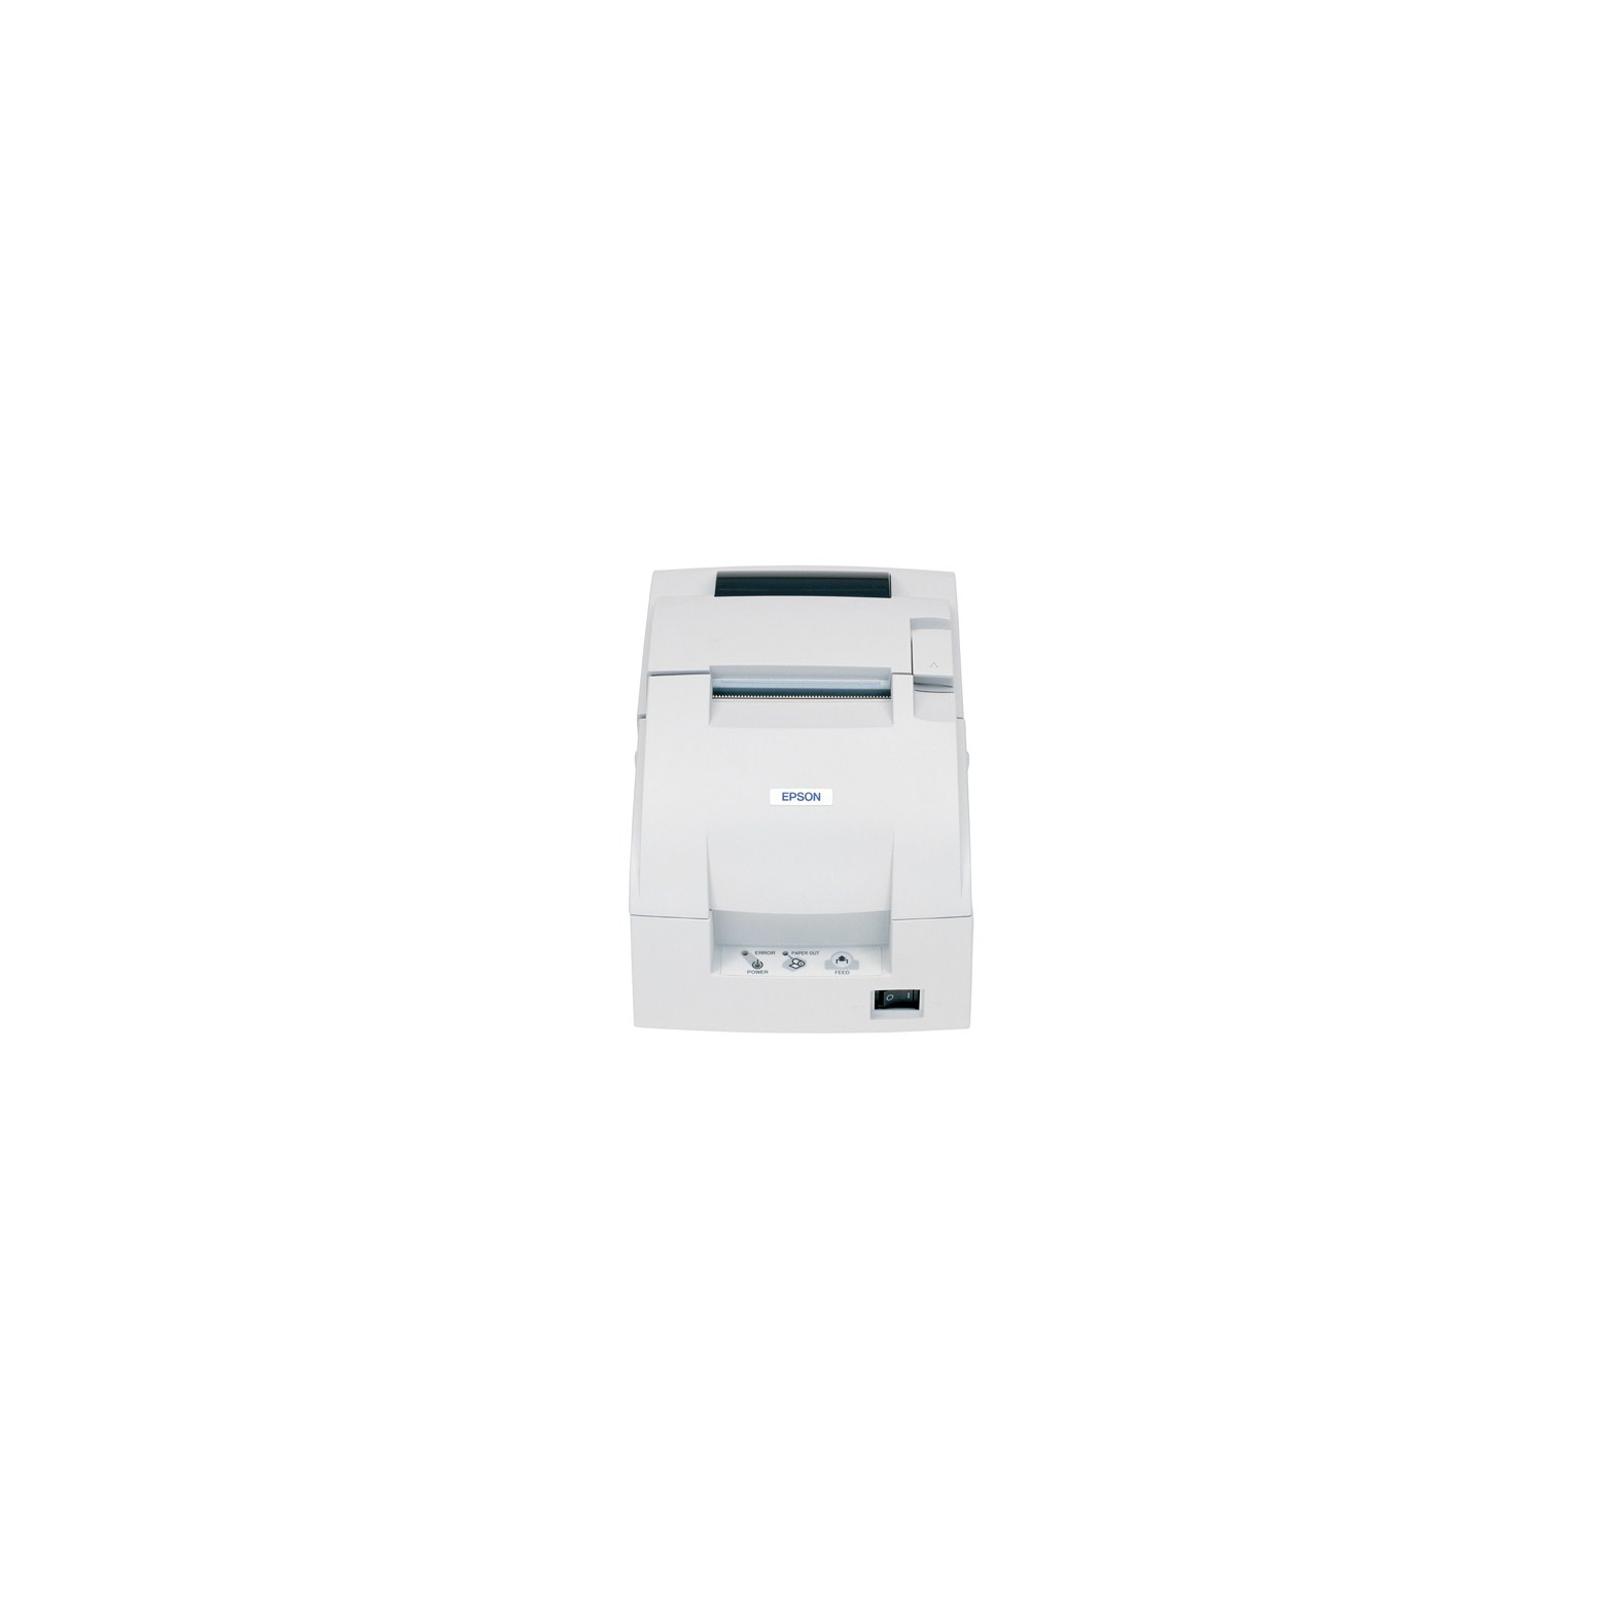 Принтер чеков EPSON TM-U220A-007 LPT I/F (C31C516007)